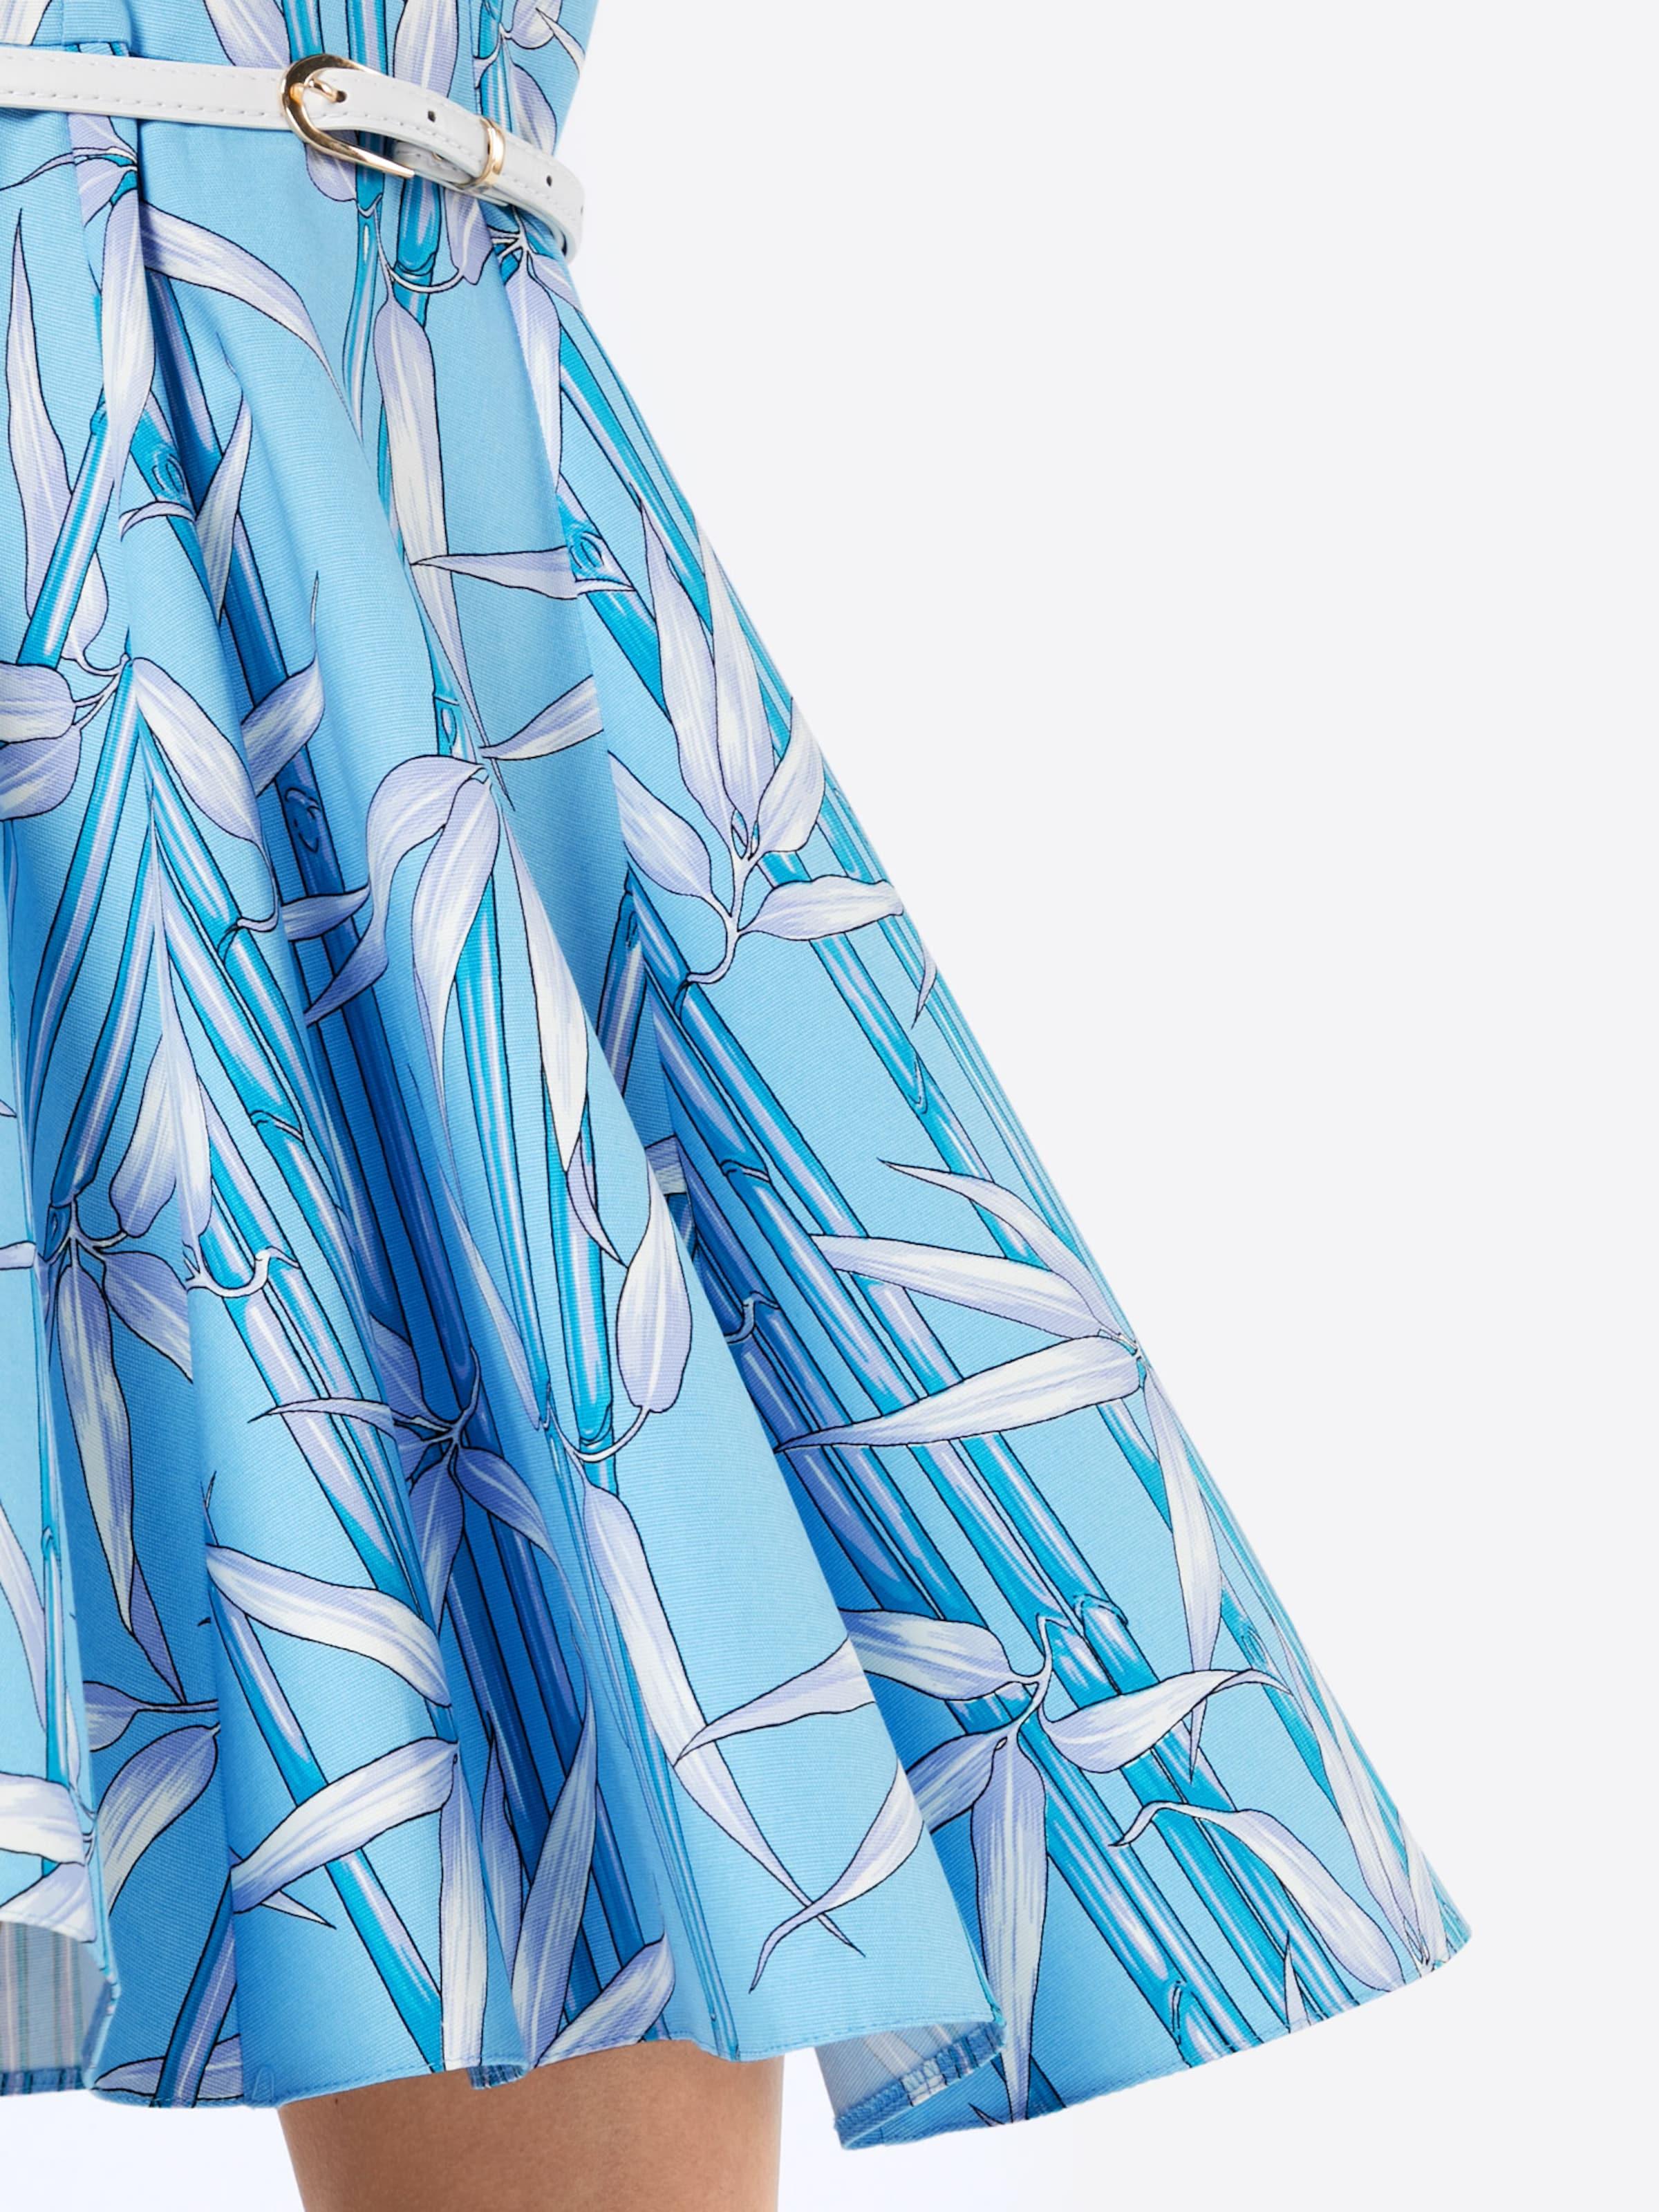 Closet London Cocktailkleid mit Taillengürtel Rabatt Günstig Online Preise Im Netz Auslass Beste Ort Verkauf Günstigsten Preis Günstig Kaufen Eastbay NwX3YYsI